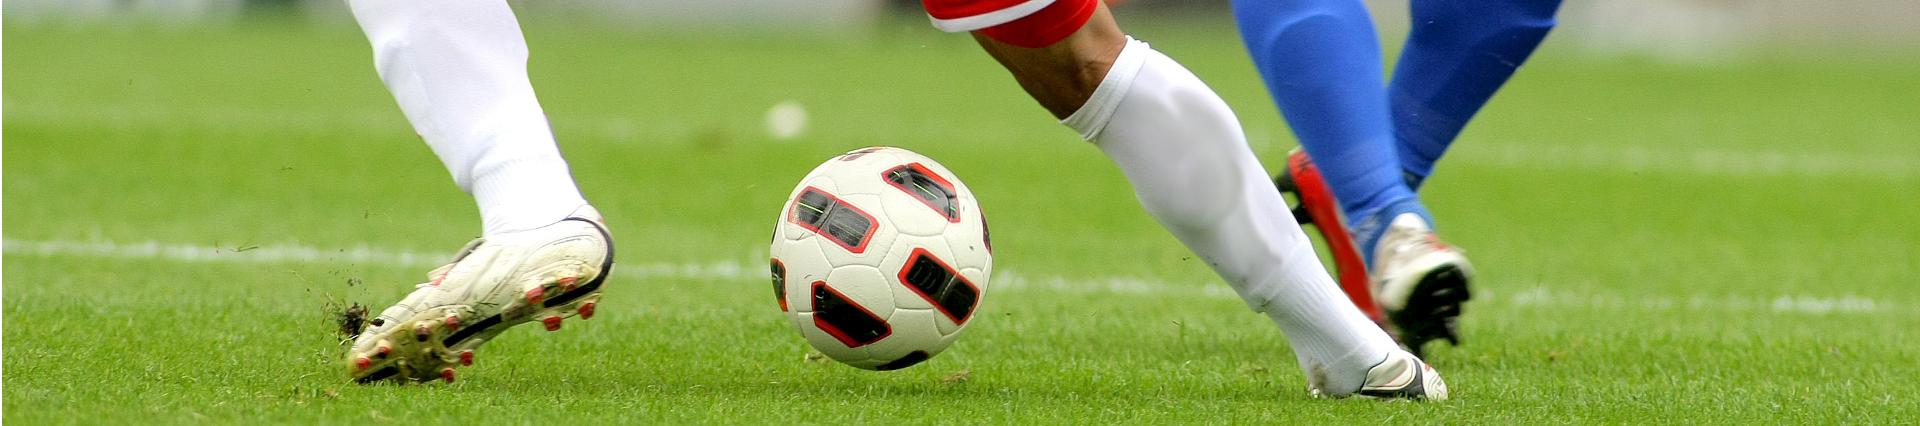 ασφαλιση ομαδων- ακαδημιων - αθλητικων συλλογων